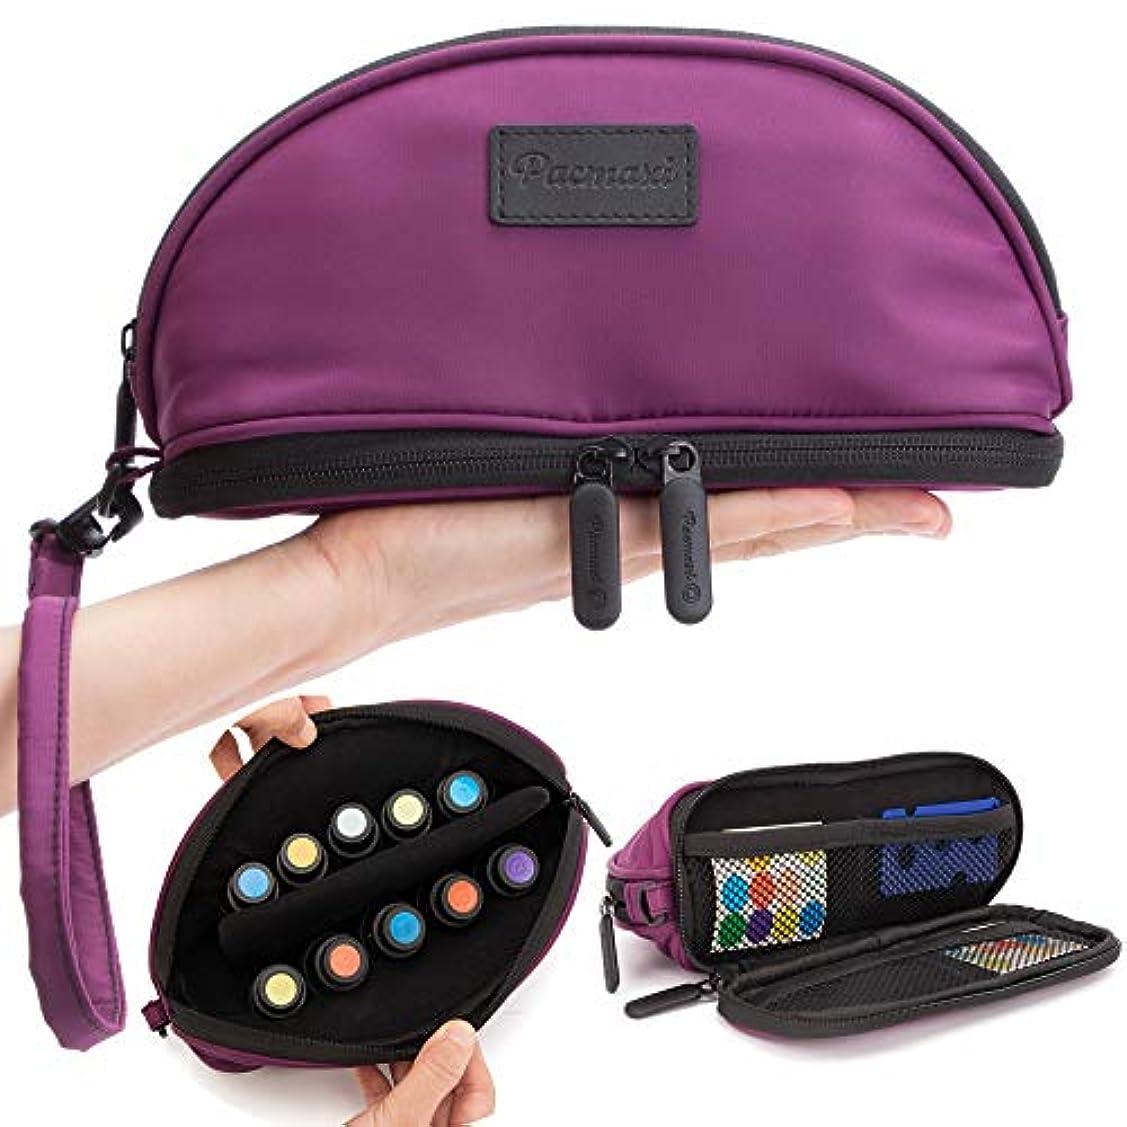 逆さまにテンション識別する[Pacmaxi]エッセンシャルオイル 収納ポーチ 携帯便利 旅行 10本収納(5ml - 15ml) ナイロン製 撥水加工 ストラップあり (パープル)